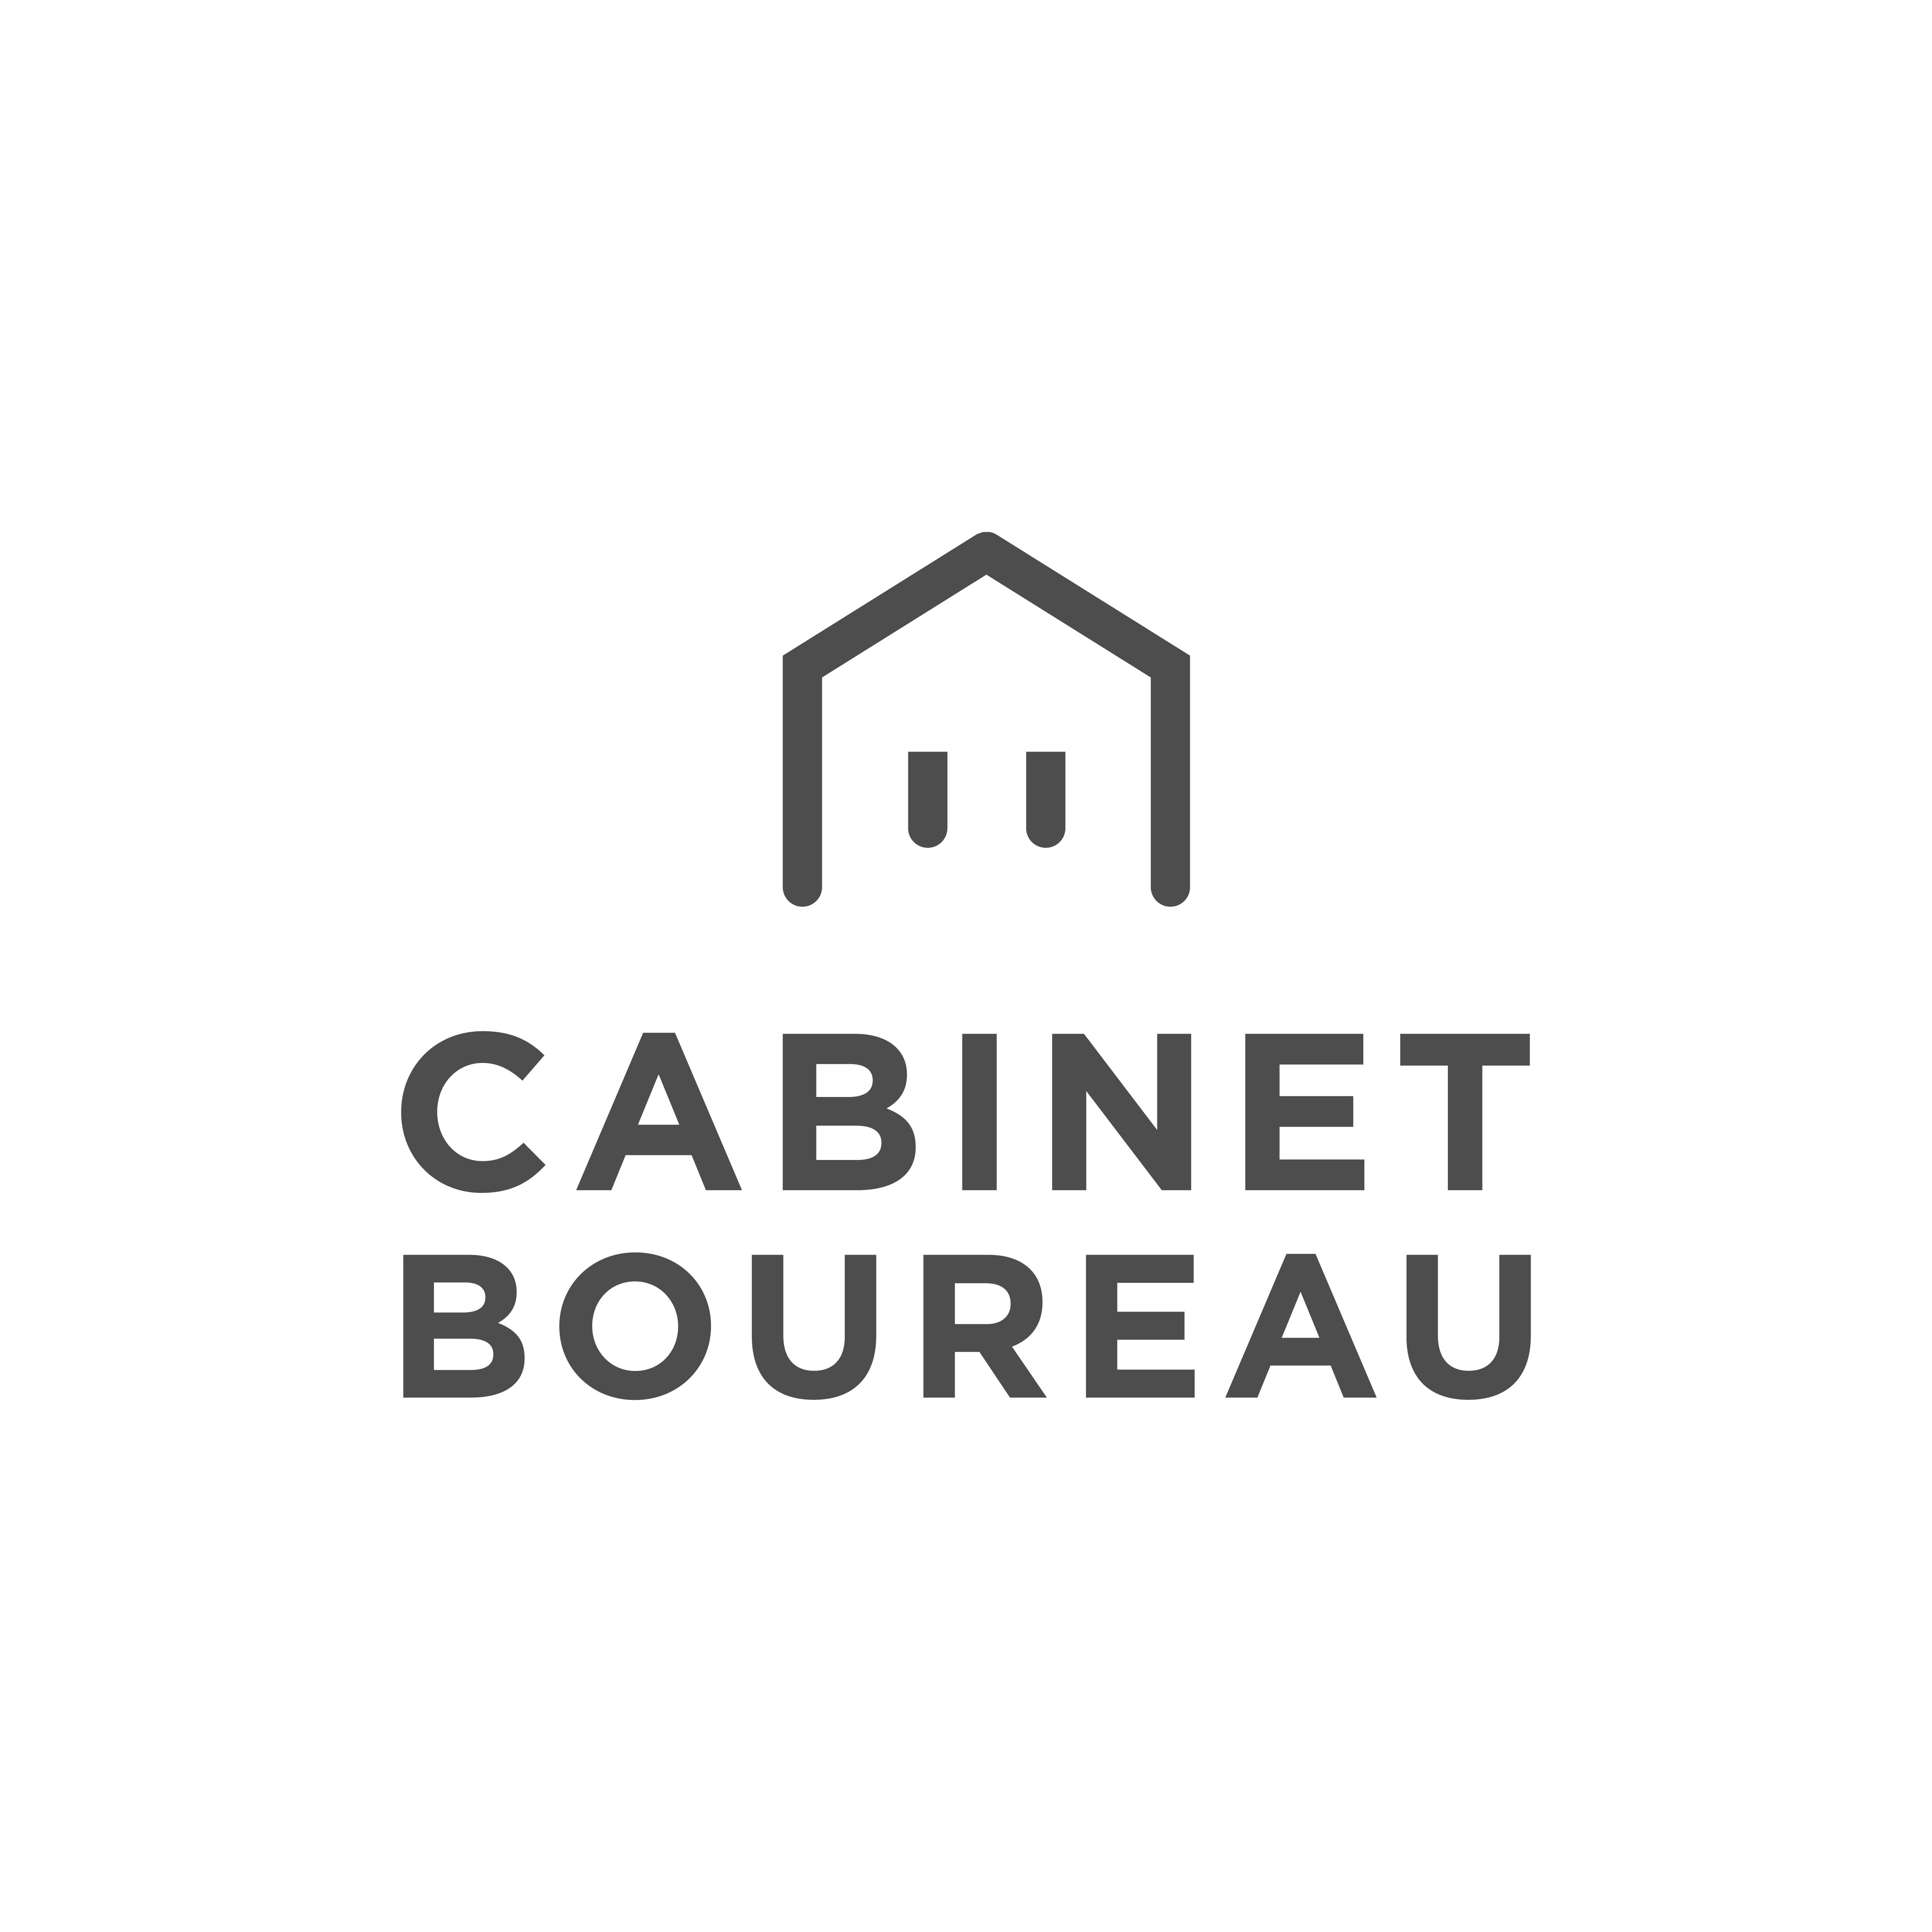 CABINET BOUREAU